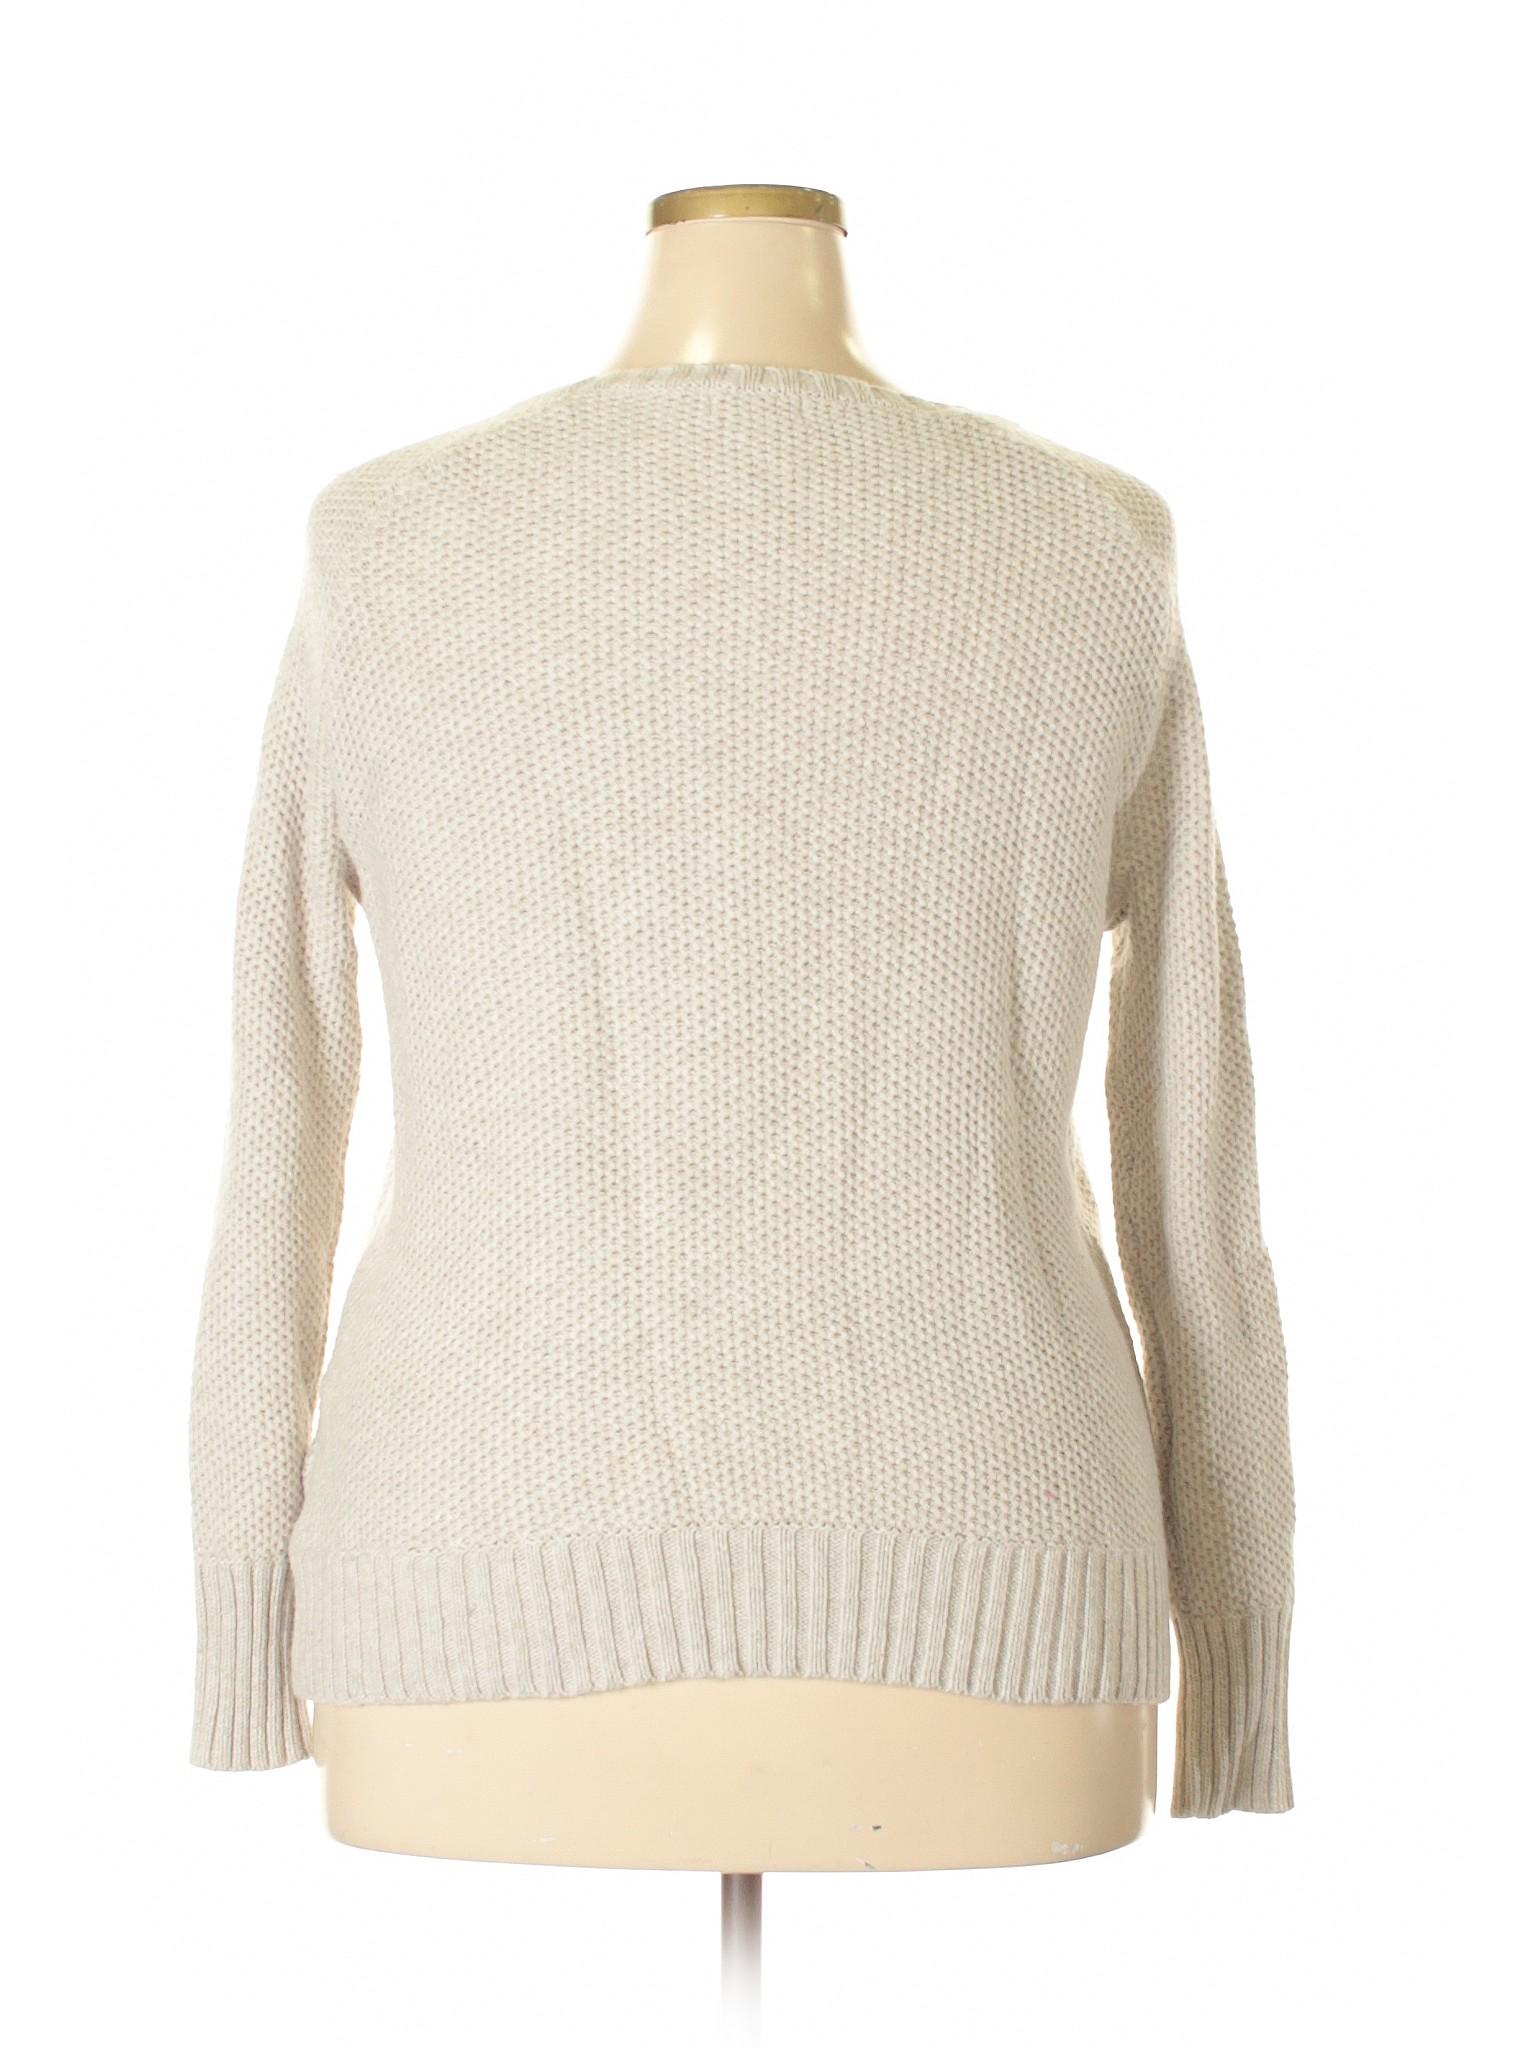 885458a7c58 ... Boutique Pullover Merona Boutique Boutique Sweater Sweater Pullover  winter Merona winter rAr8Tq